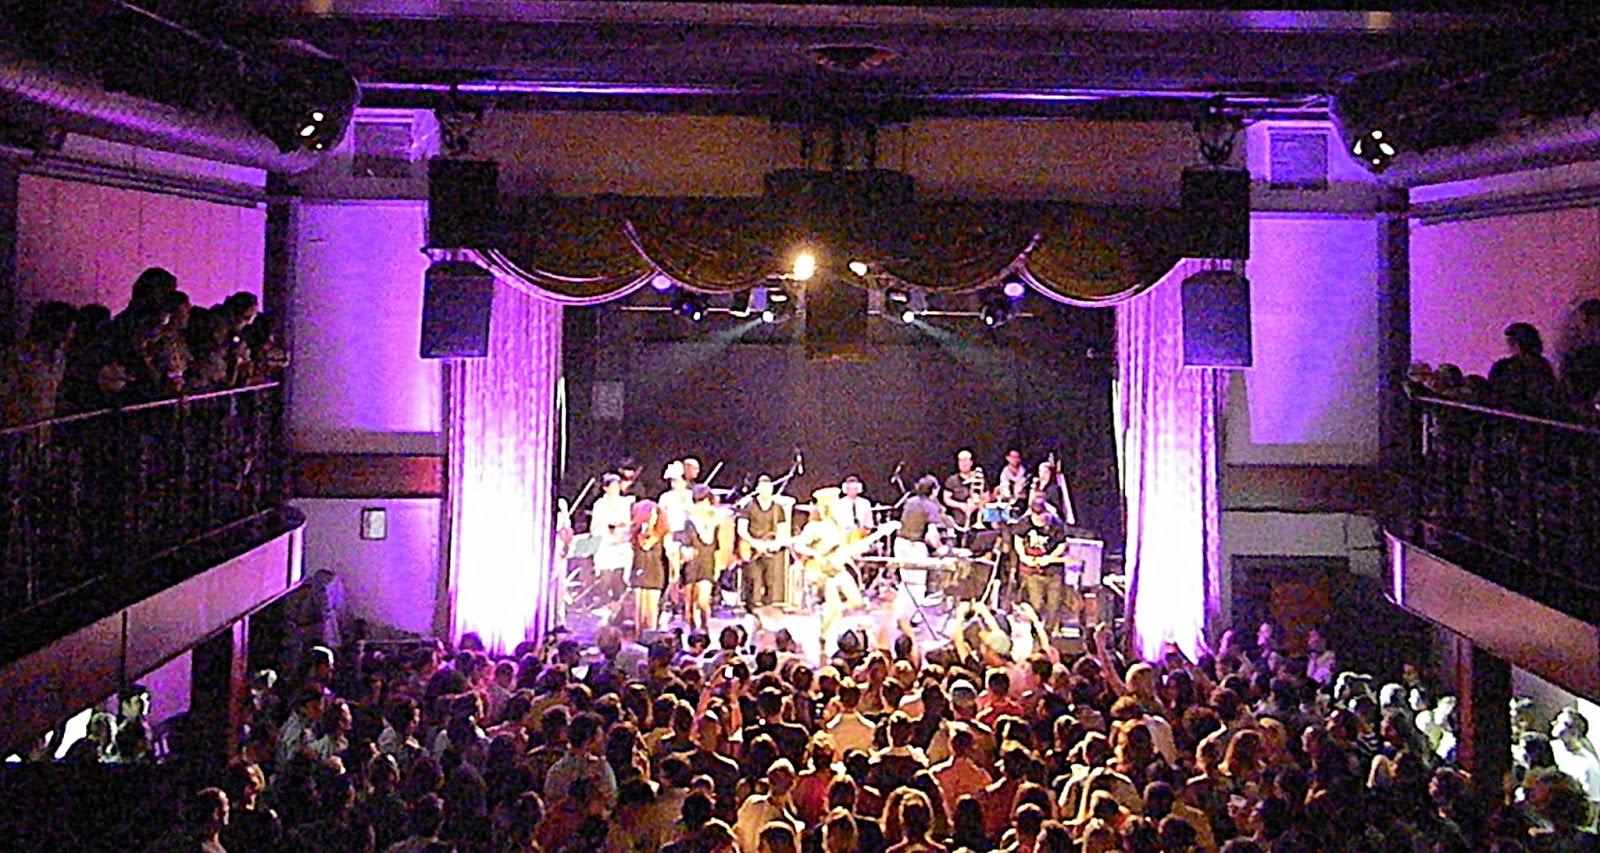 Event: Escort at the Bowery Ballroom (New York, NY)